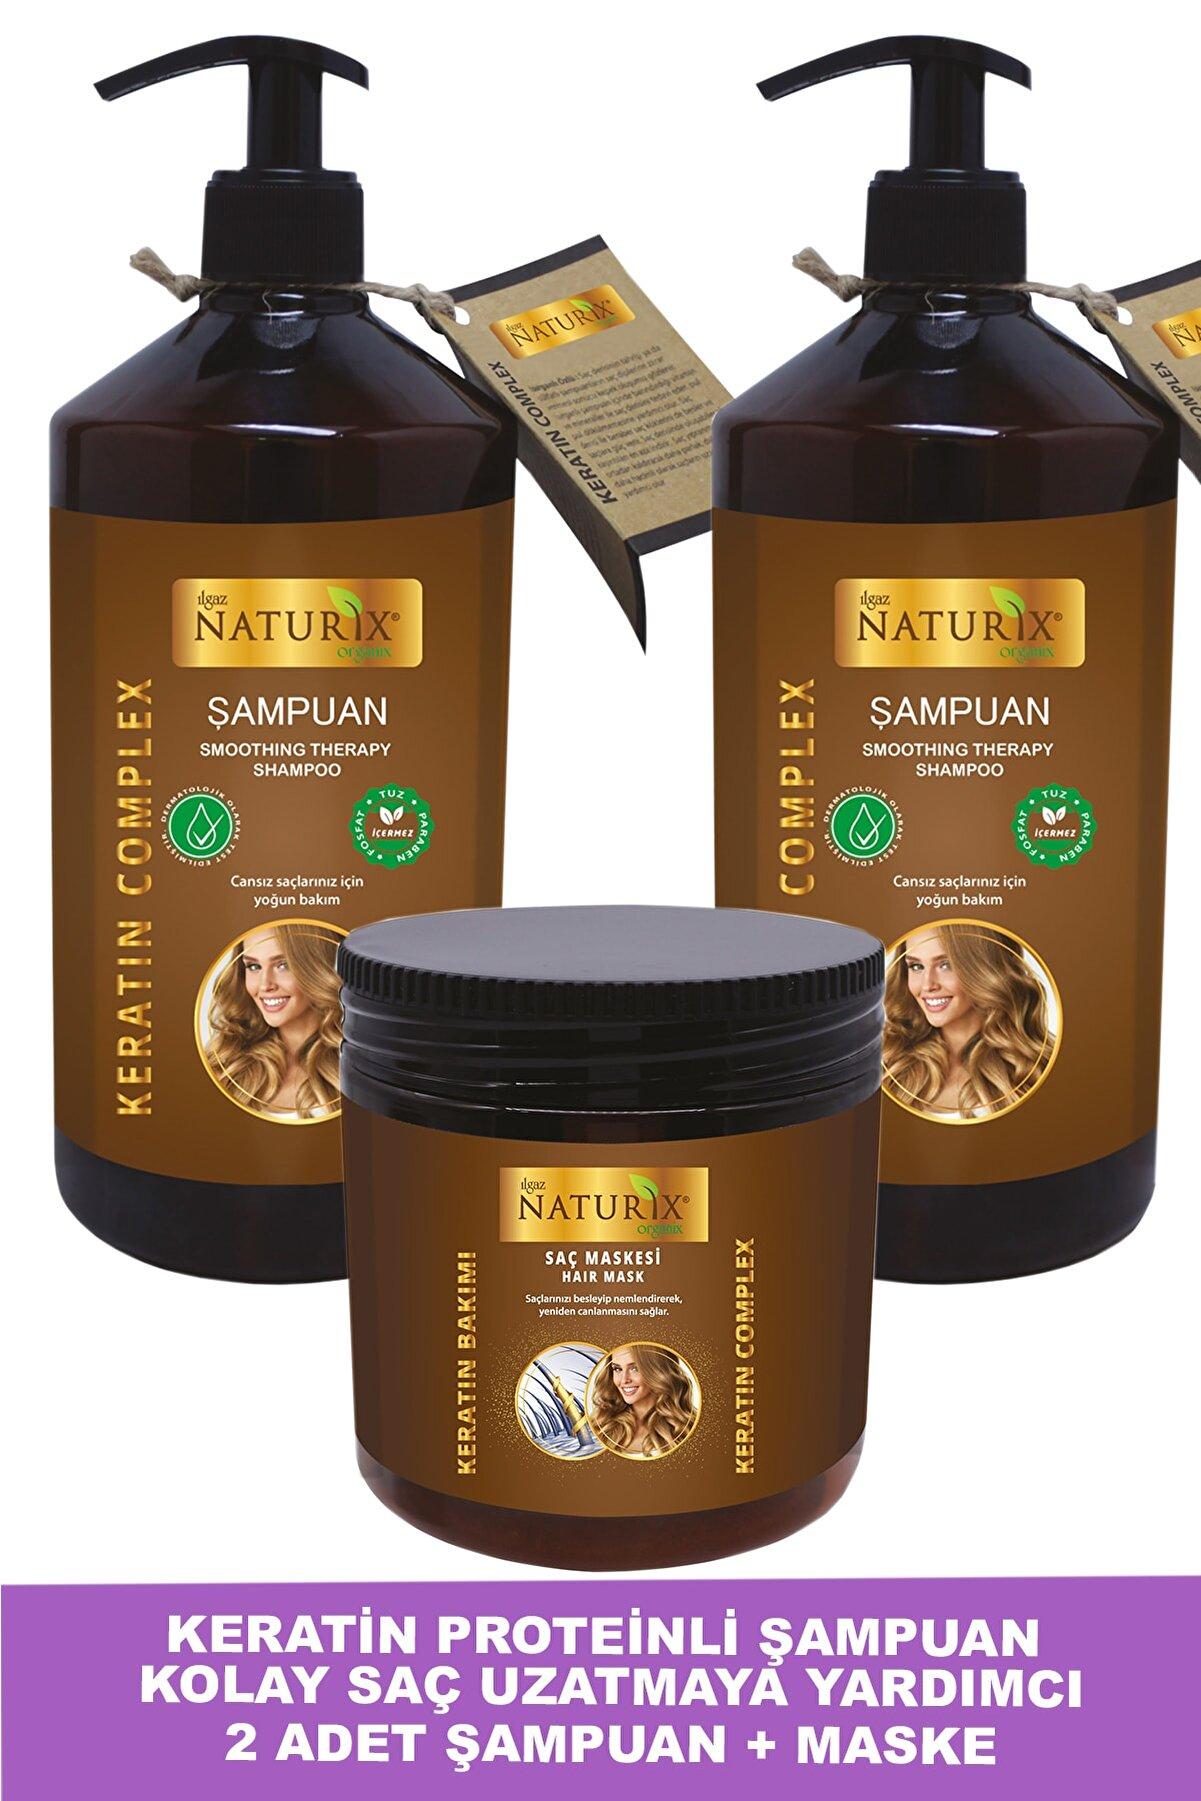 Ilgaz Naturix Organix Tuzsuz Keratin Şampuan 2 Adet 600 ml Onarıcı Bakım Şampuanı 500 ml Keratin Bakım Maskesi